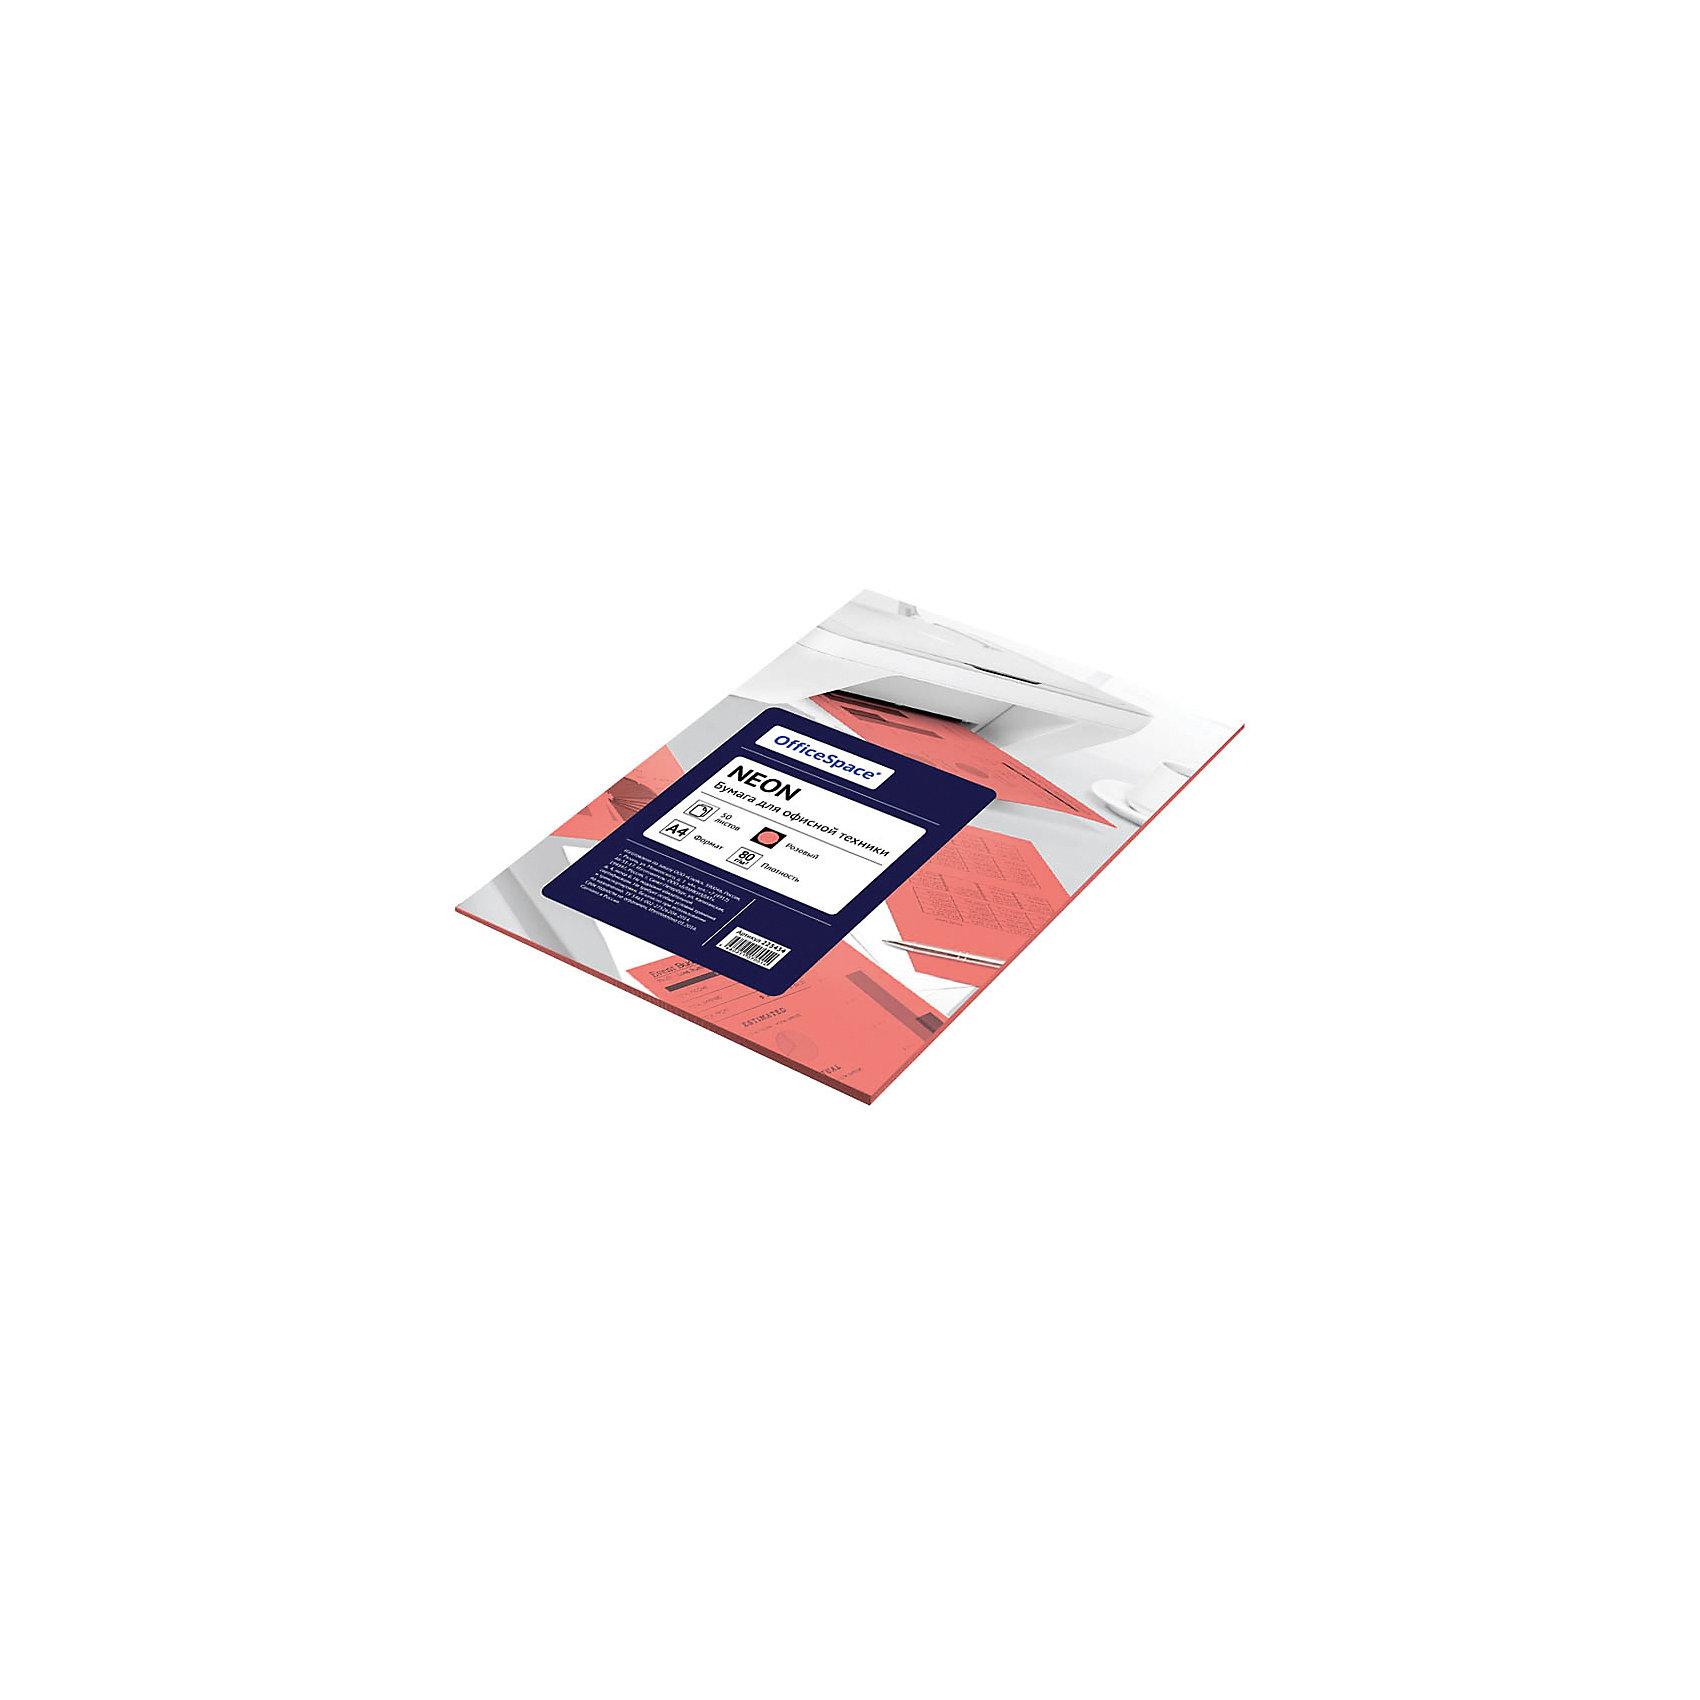 Бумага цветная neon А4 50 листов OfficeSpace, розовыйБумажная продукция<br>Плотность бумаги: 80 <br>Формат : A4<br>Количество листов: 50<br>Цвет: розовый<br>Насыщенность цвета: неоновый<br>Толщина: 103<br>Непрозрачность: 92<br>Количество цветов в пачке: 1<br>Количество пачек в коробке: 20<br>Цветная бумага для офиса розово-неонового цвета предназначена для печати на всех видах оргтехники и ризографах. Одна пачка содержит 50 листов формата А4,  в прозрачной упаковке. Идеально подходит для документов, презентаций, рекламных материалов, открыток.<br><br>Ширина мм: 300<br>Глубина мм: 210<br>Высота мм: 8<br>Вес г: 240<br>Возраст от месяцев: 60<br>Возраст до месяцев: 2147483647<br>Пол: Унисекс<br>Возраст: Детский<br>SKU: 7044318